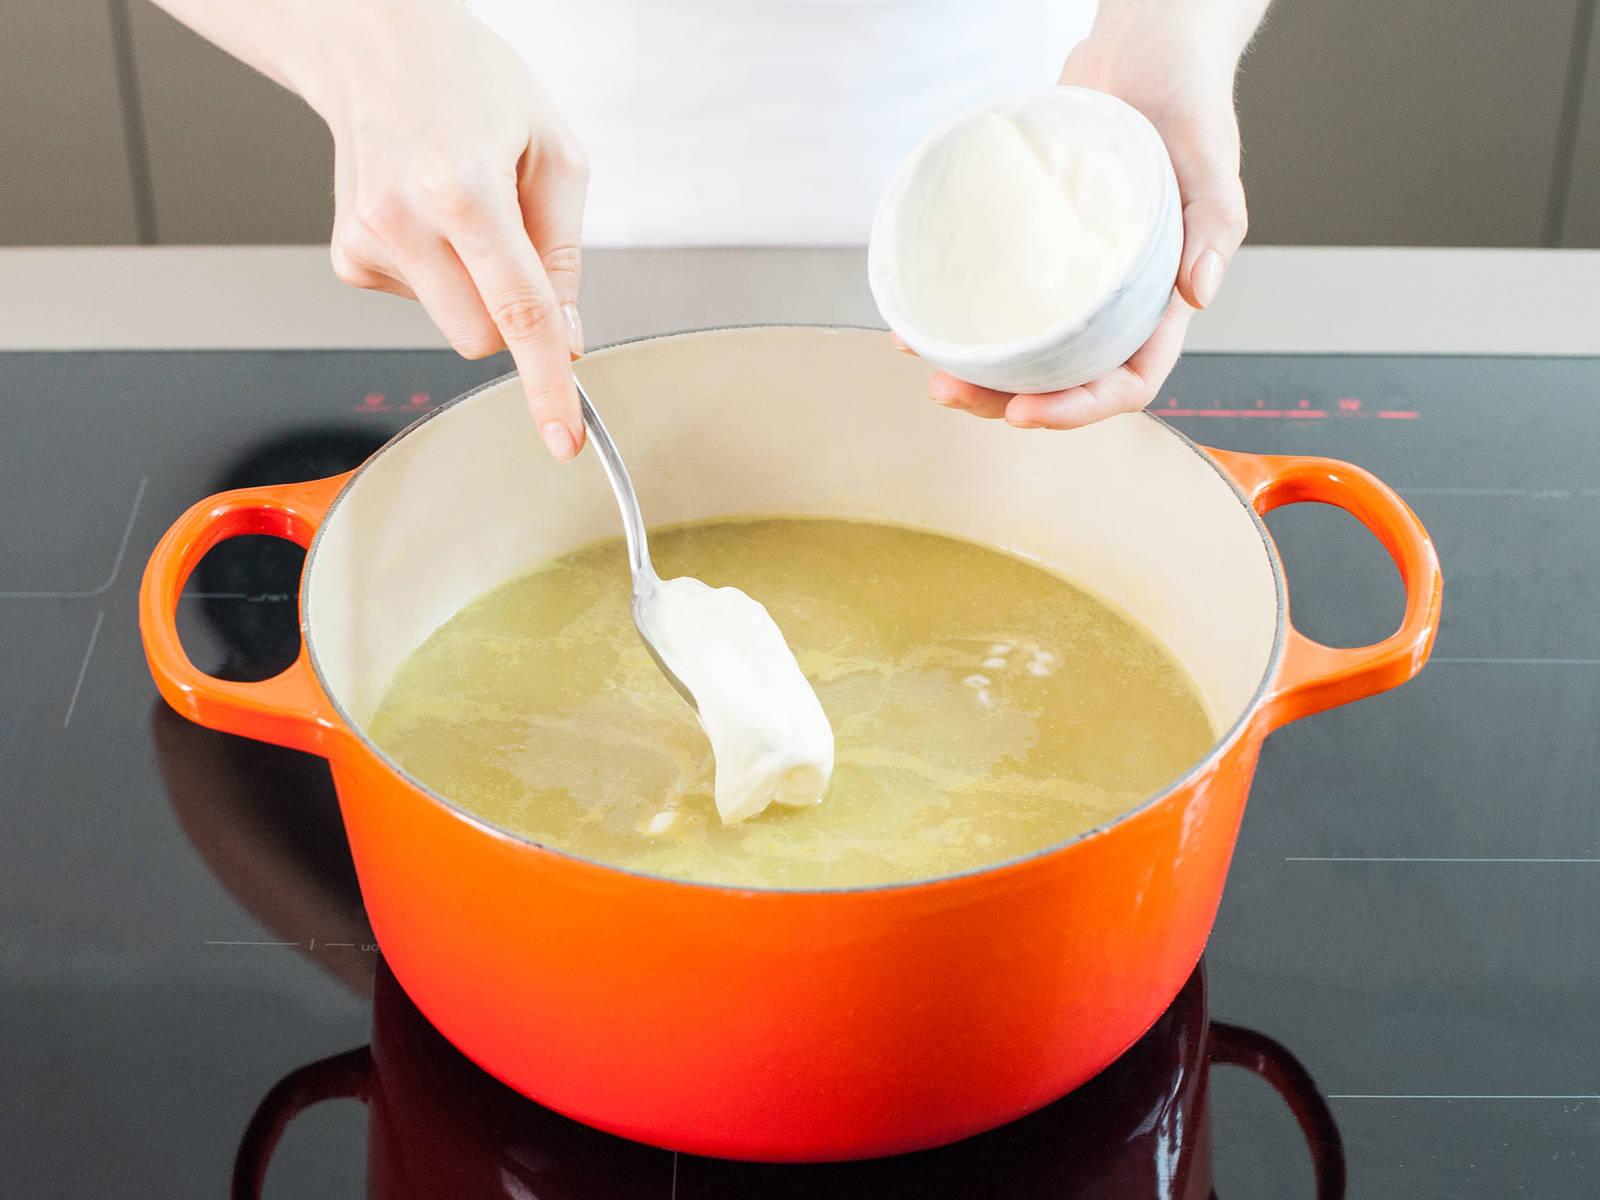 用手持式搅拌机将汤搅打成柔滑泥状。将其再次煮至微沸,拌入法式酸奶油。